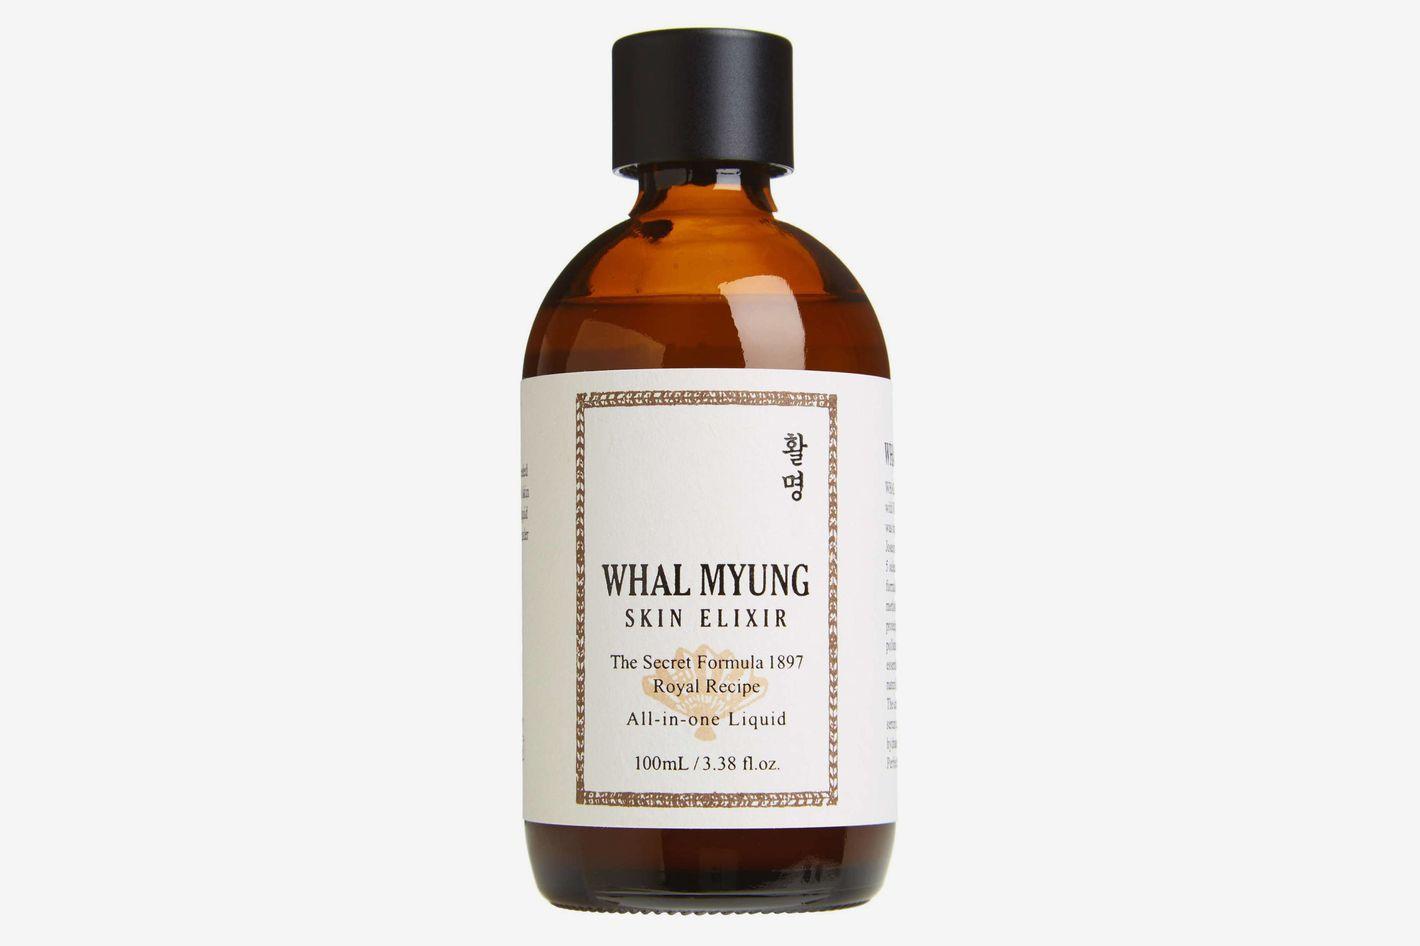 Skin Elixir